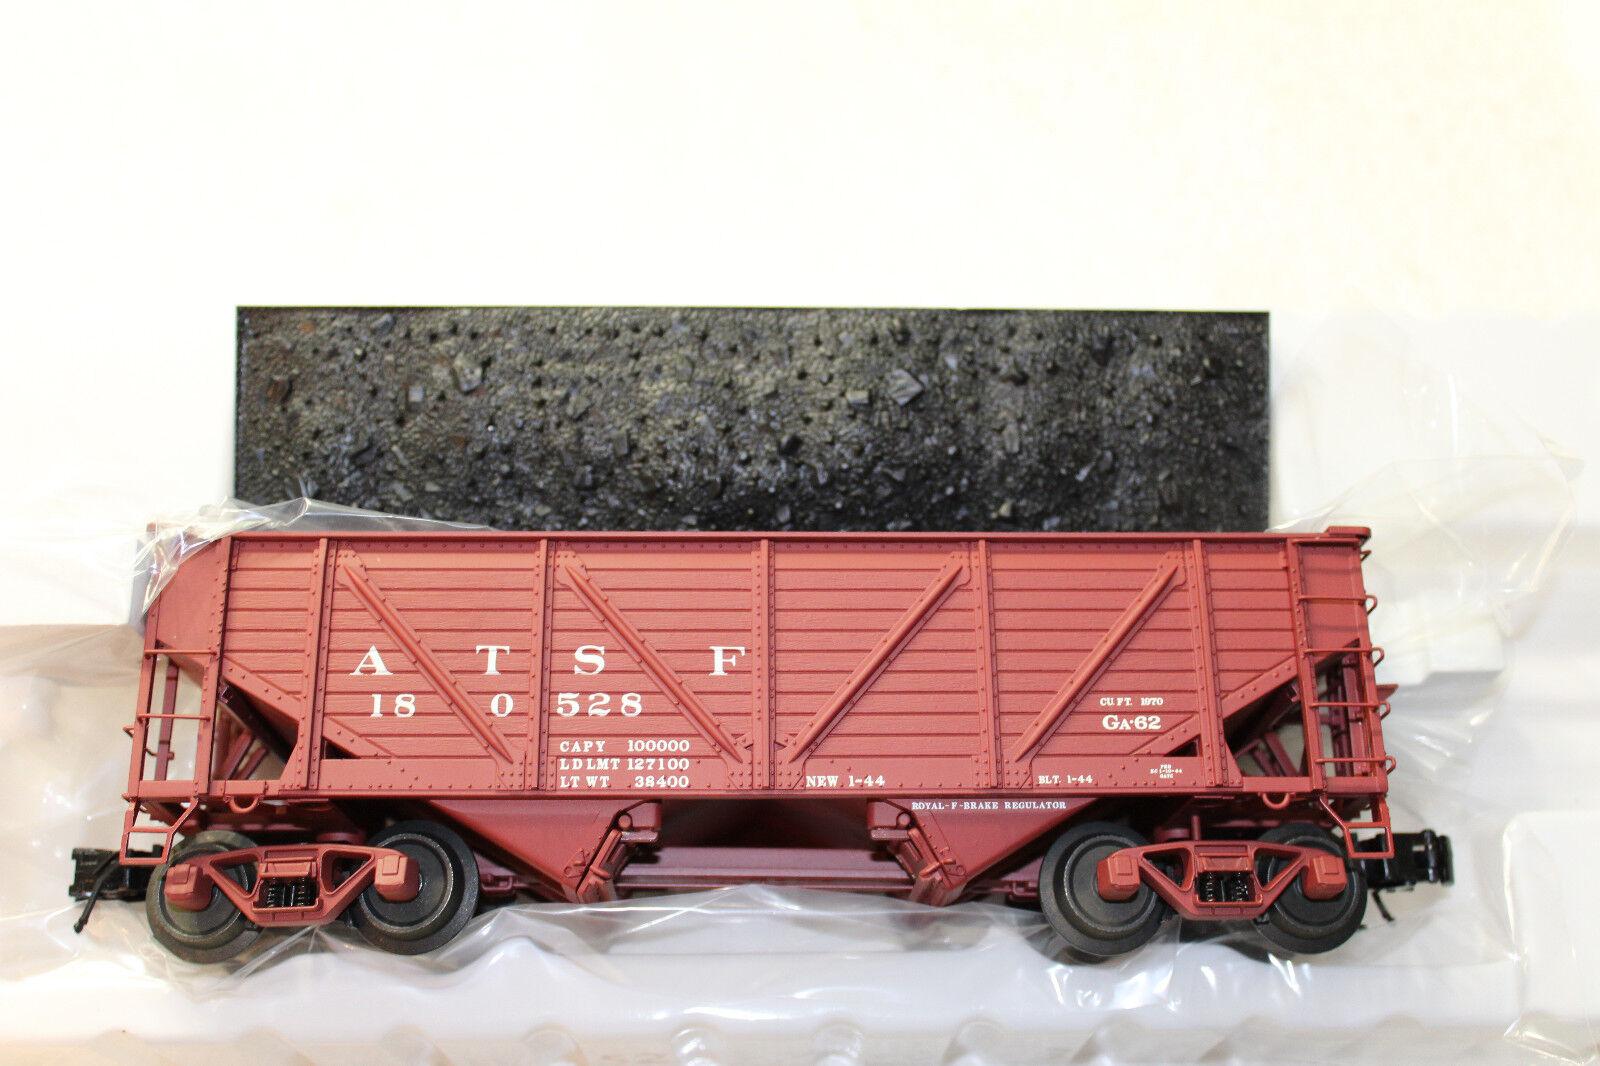 tienda de descuento 6425 Santa Fe 50 Ton guerra de emergencia vagón vagón vagón Tolva 3 FerroCocheril Nuevo En Caja  Con 100% de calidad y servicio de% 100.